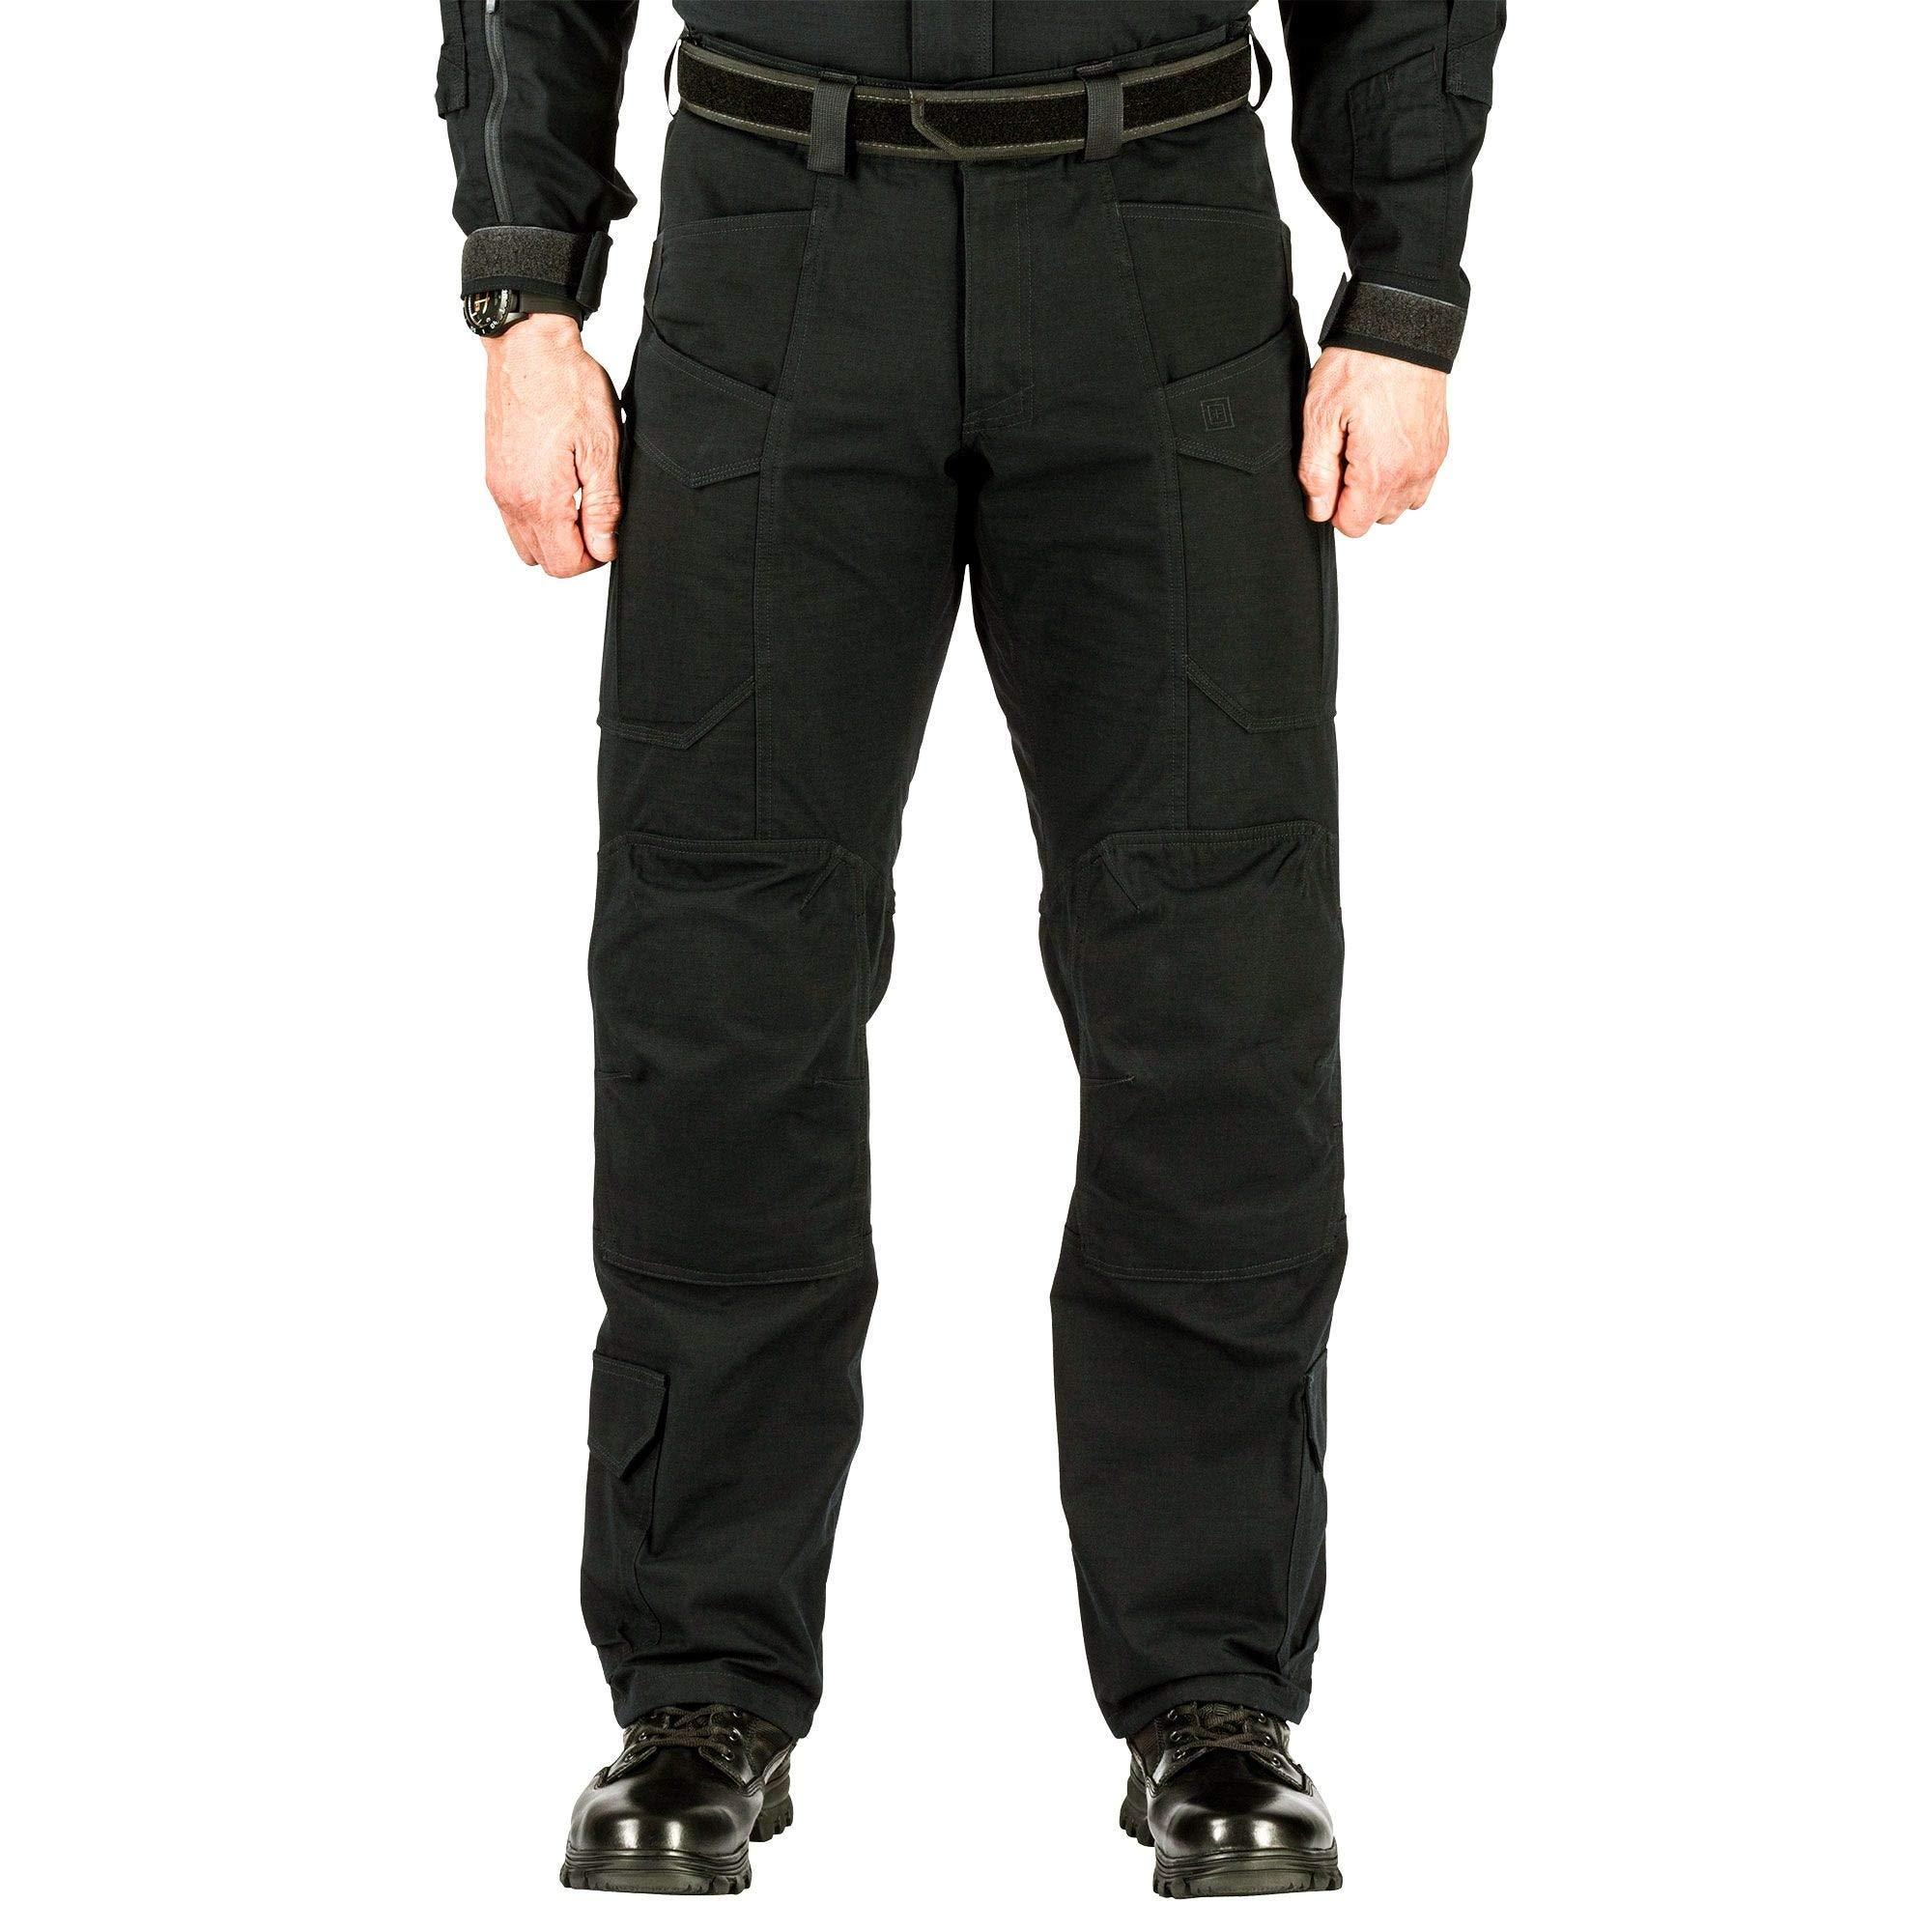 5.11 Pantalones de trabajo tácticos XPRT Tactical para hombre, tela tratada con teflón, tela de nylon Ripstop, estilo 74068